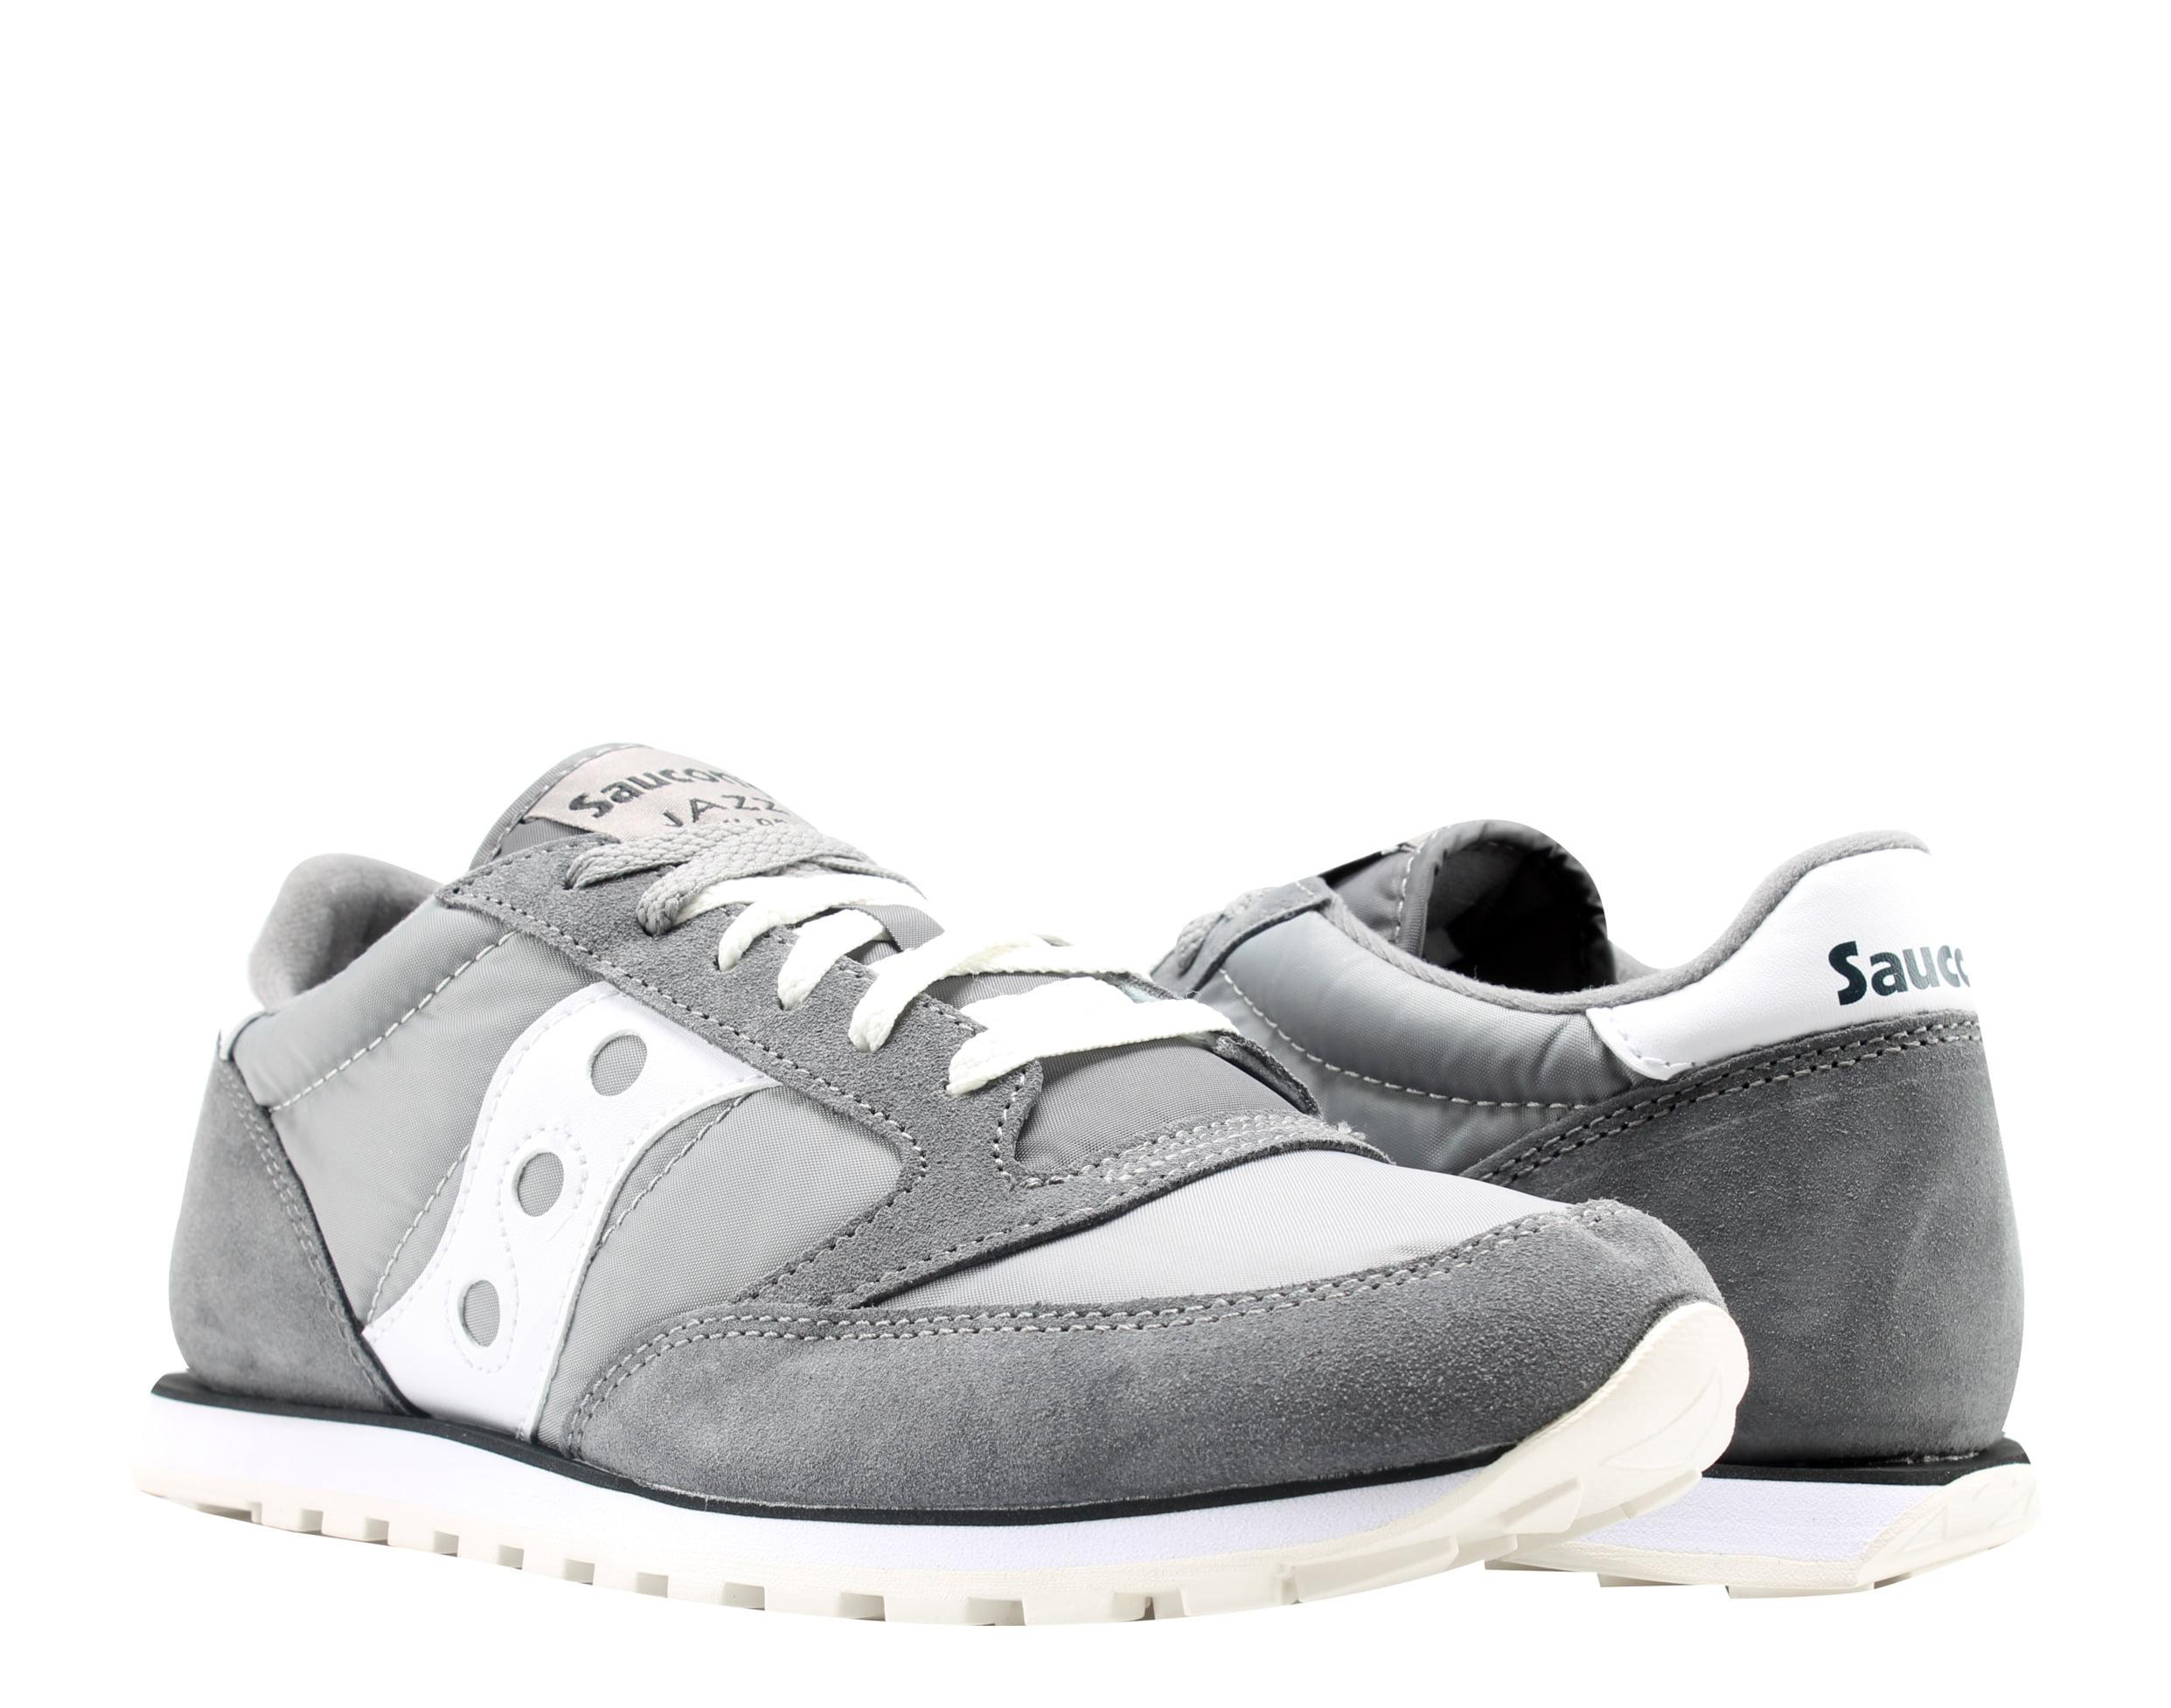 Saucony Men Jazz Low Pro White Black Lifestyle Shoes S2866-238 Hot sale